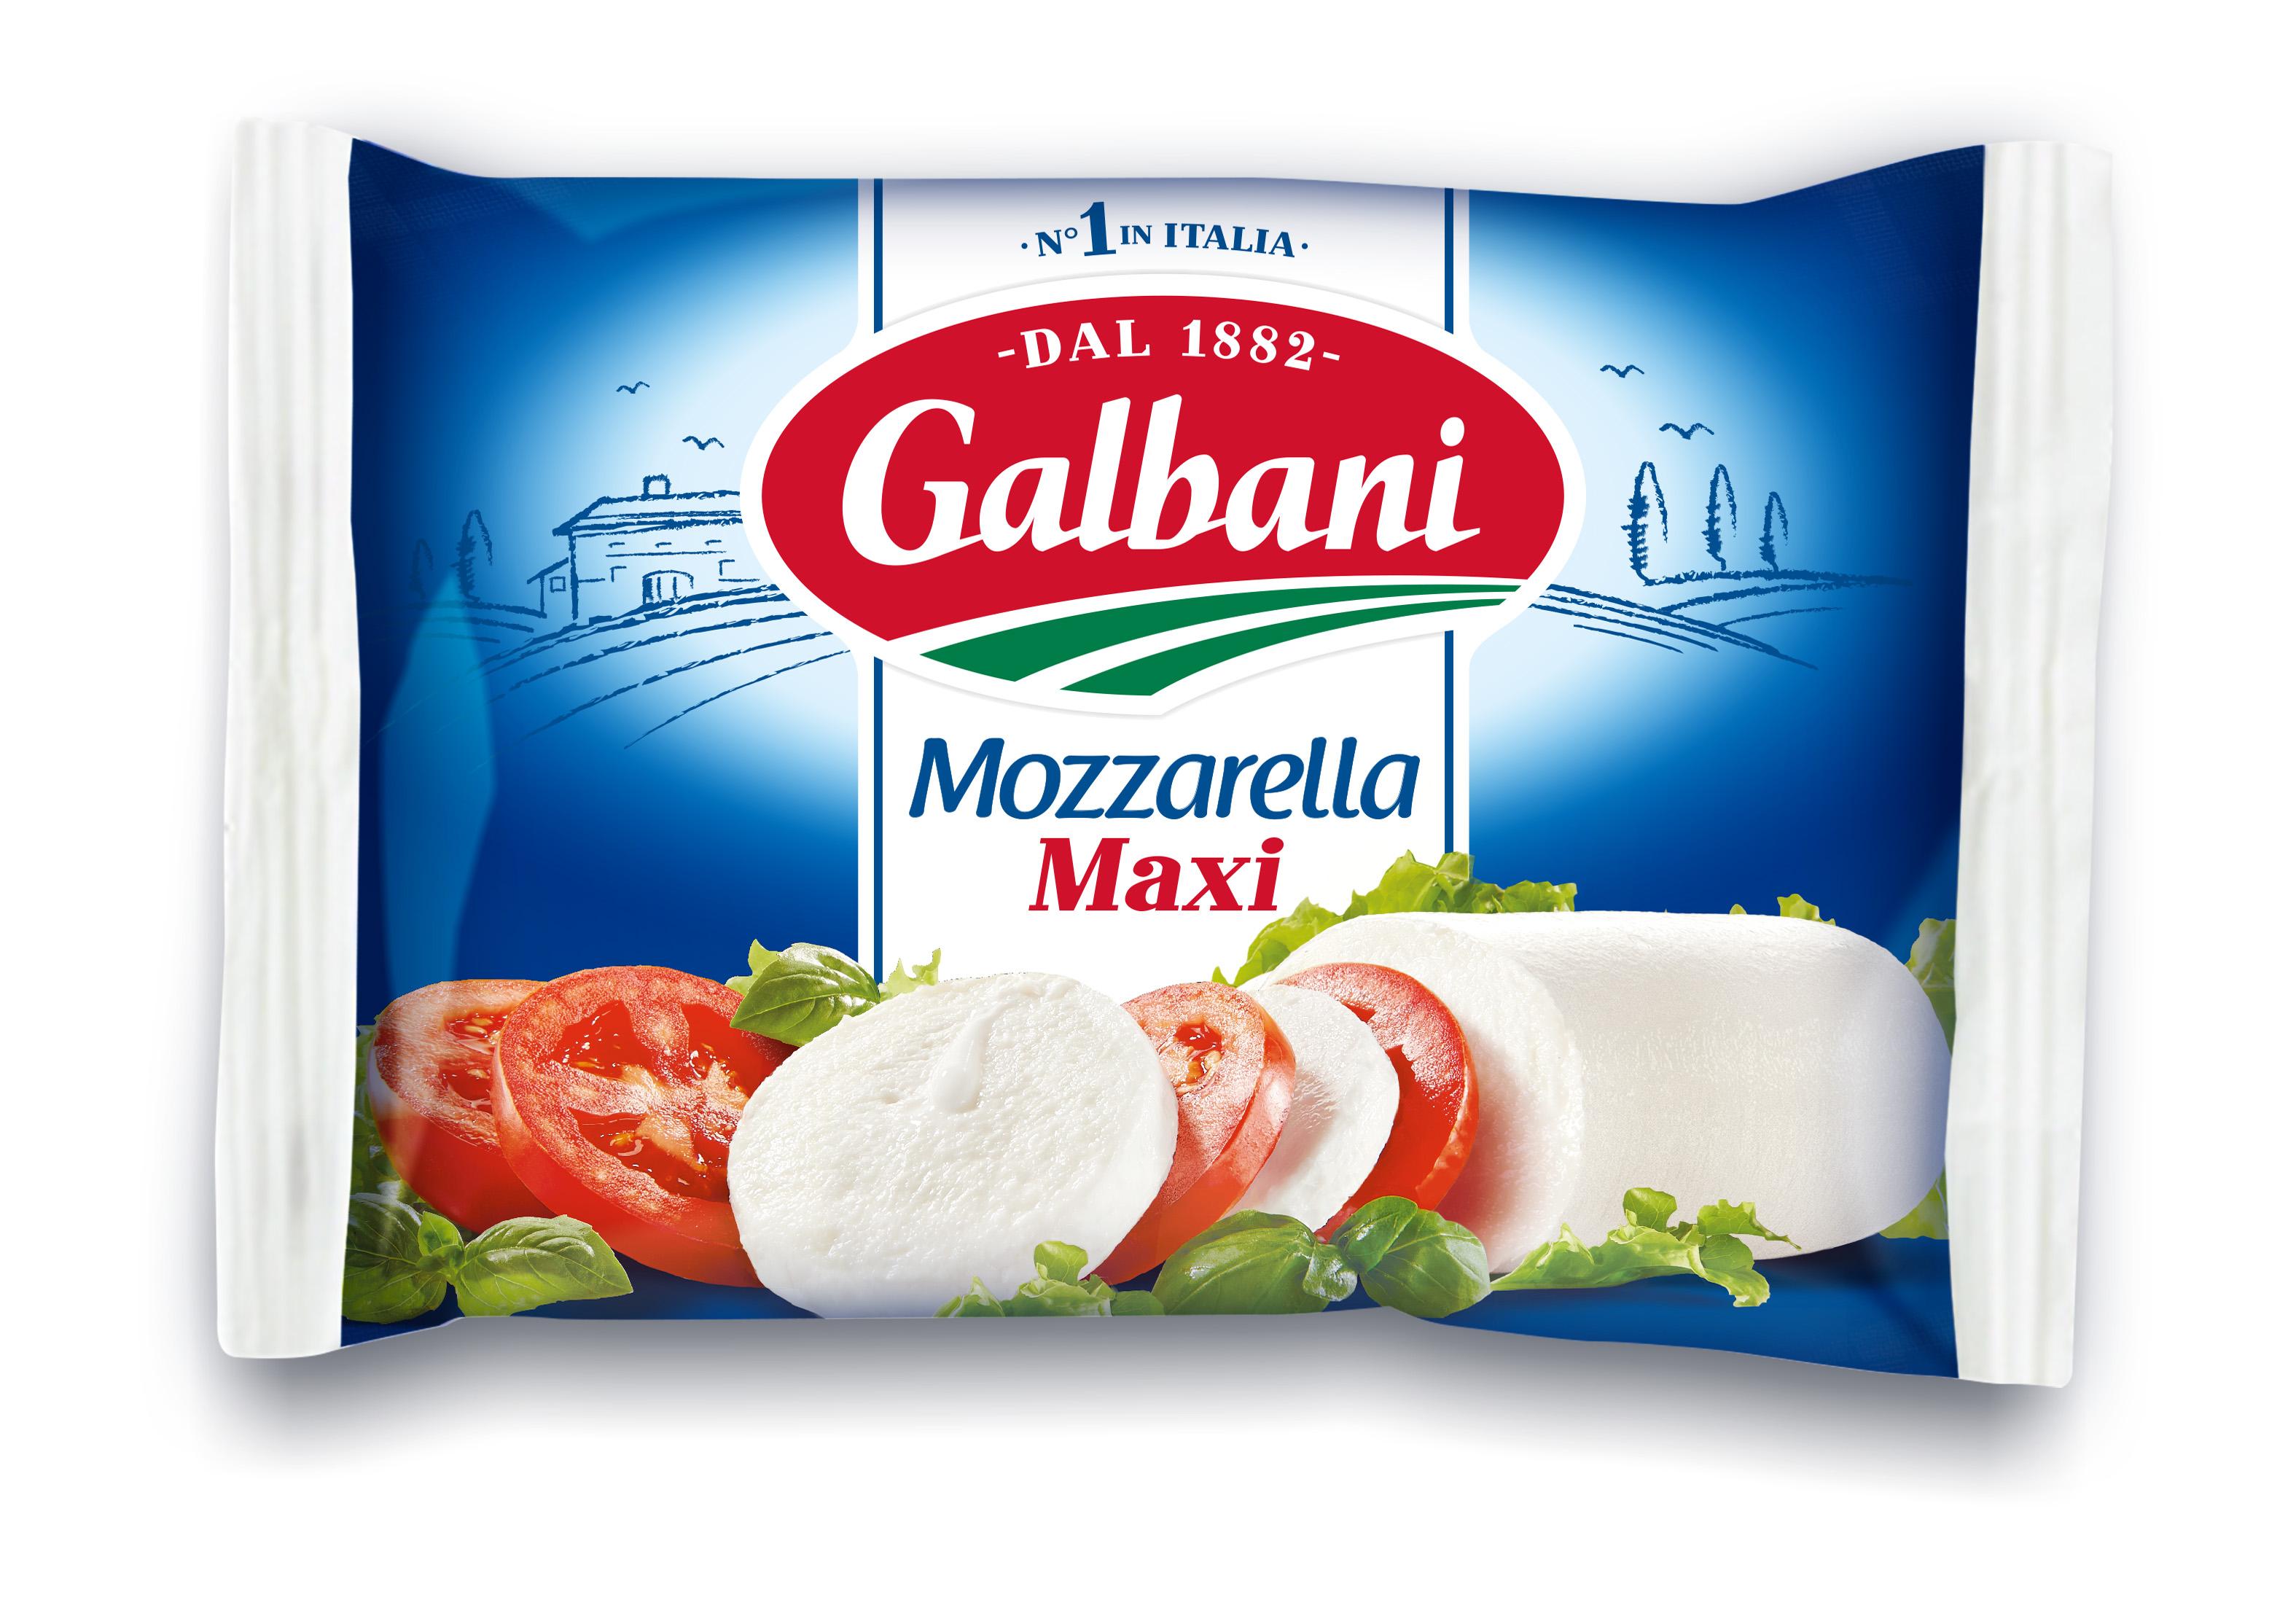 Galbani Mozzarella Maxi 200g - Galbani